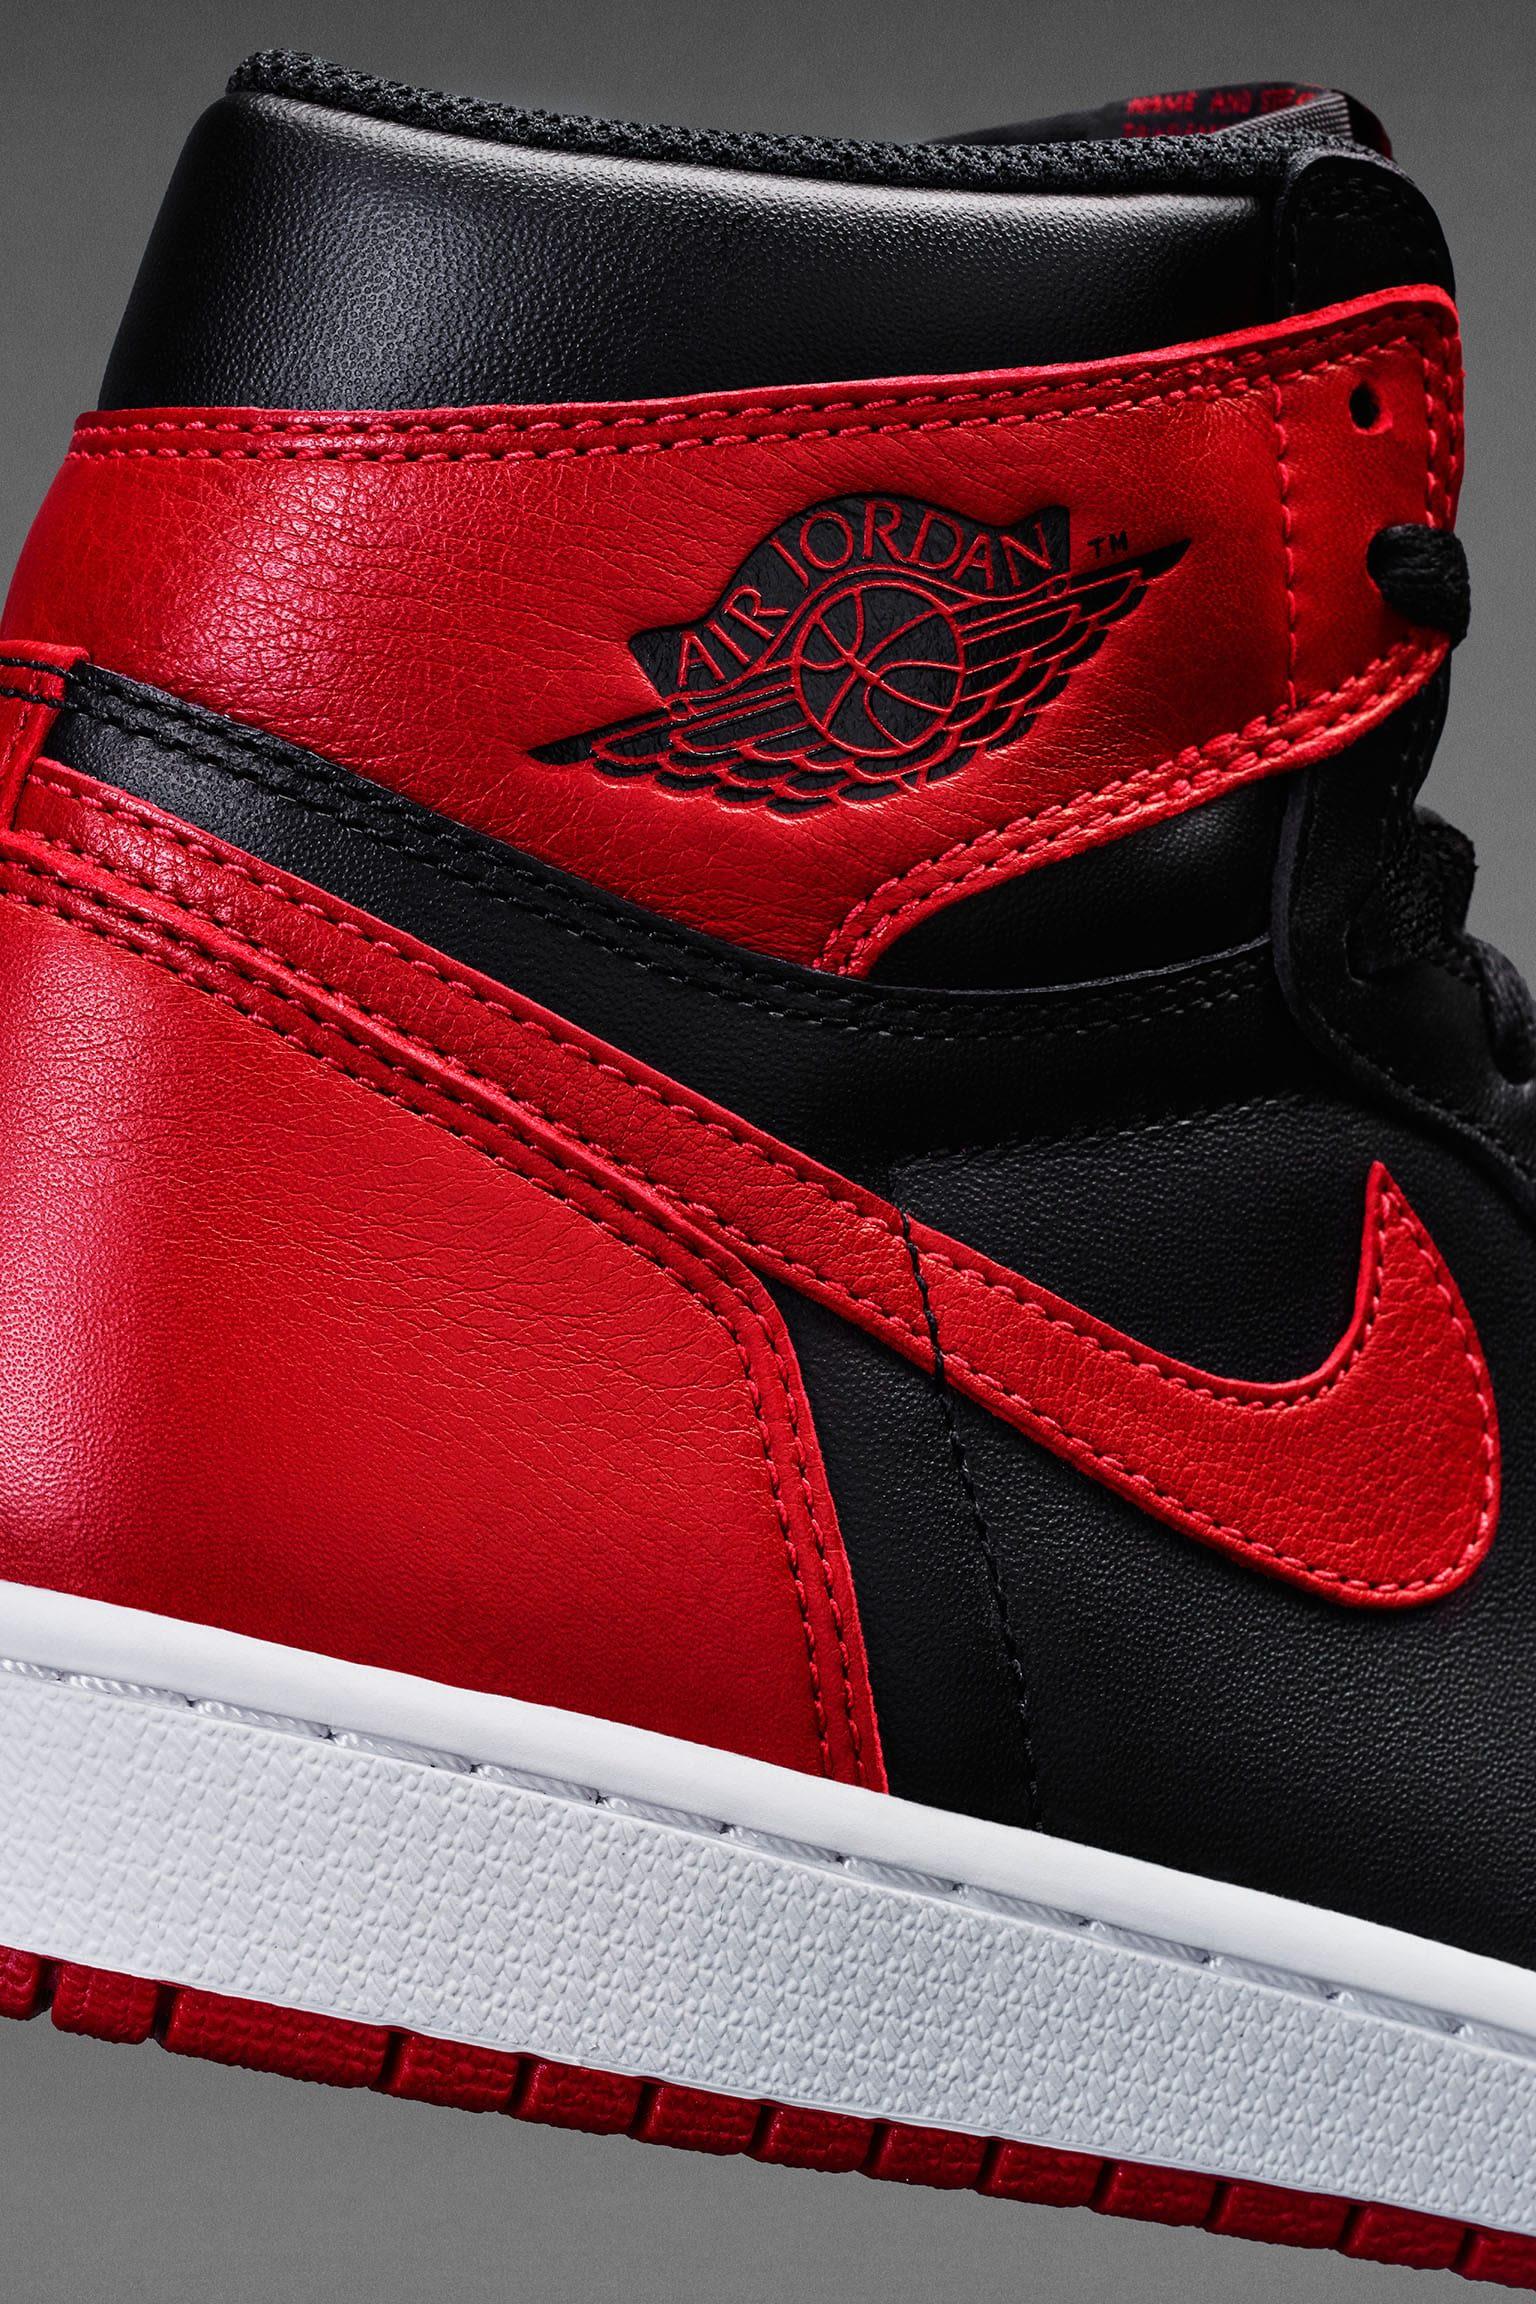 Air Jordan 1 'Banned'